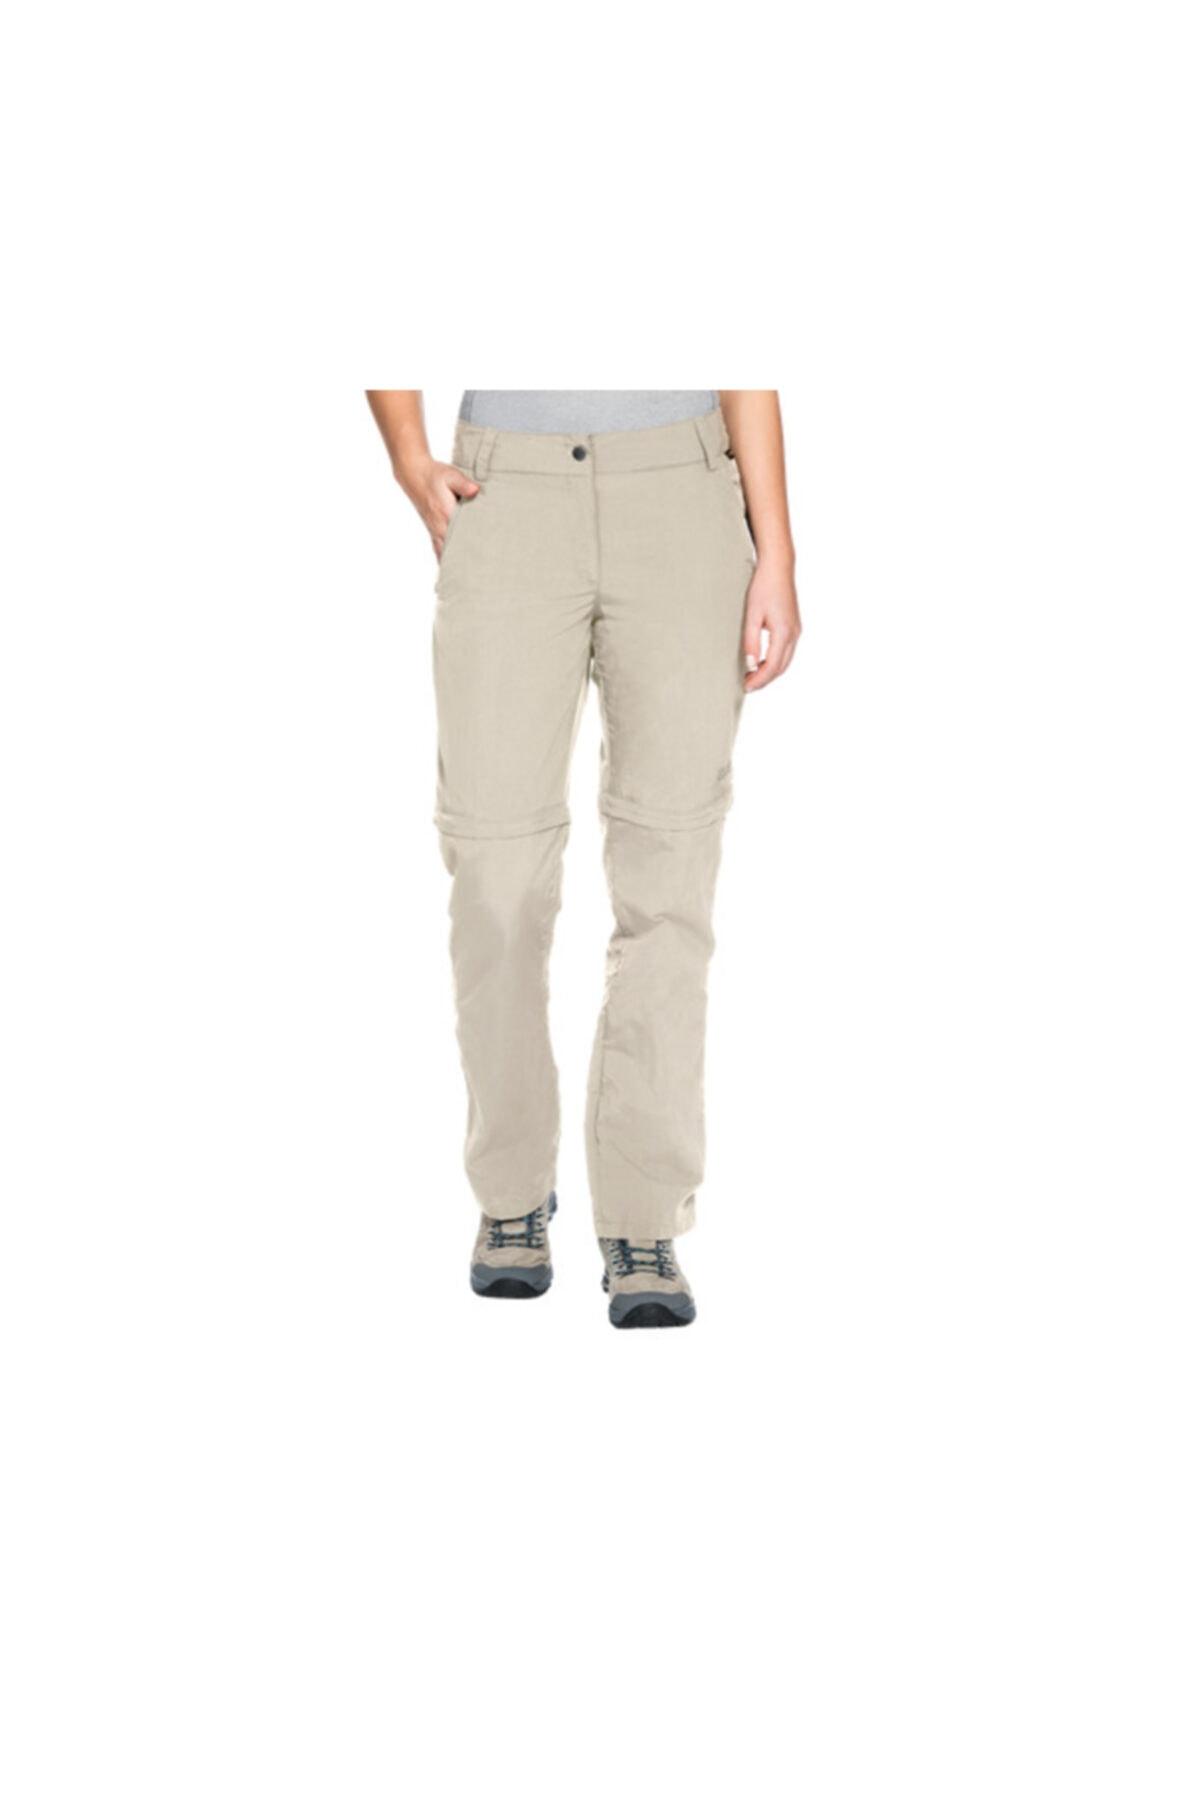 Jack Wolfskin Marrakech Zip Off Kadın Pantolon 1